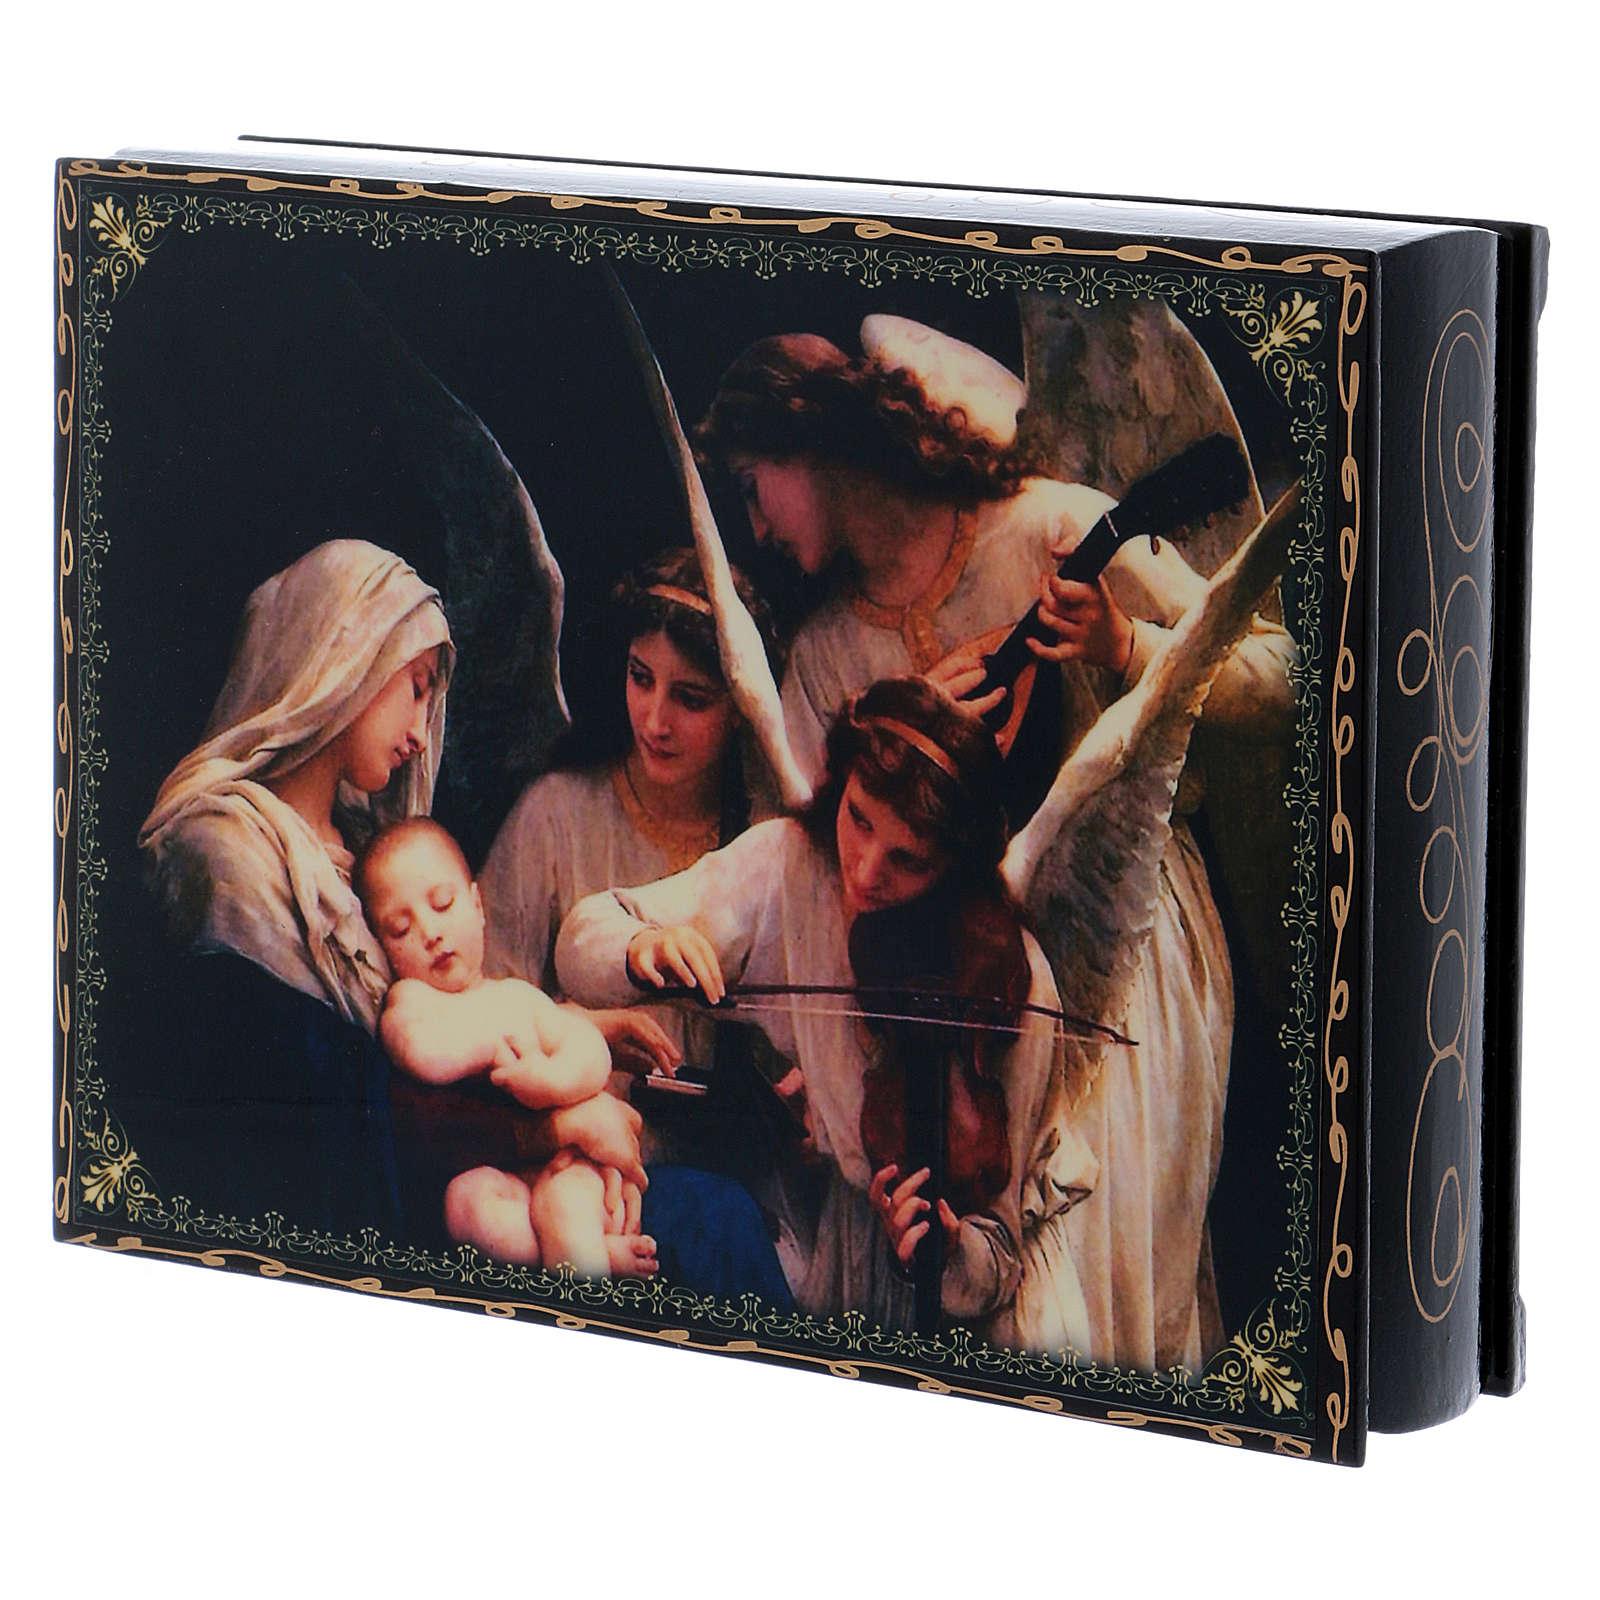 Lackdose aus Papiermaché Verzierung in Découpage-Technik Gesang der Engel 22x16 cm 4